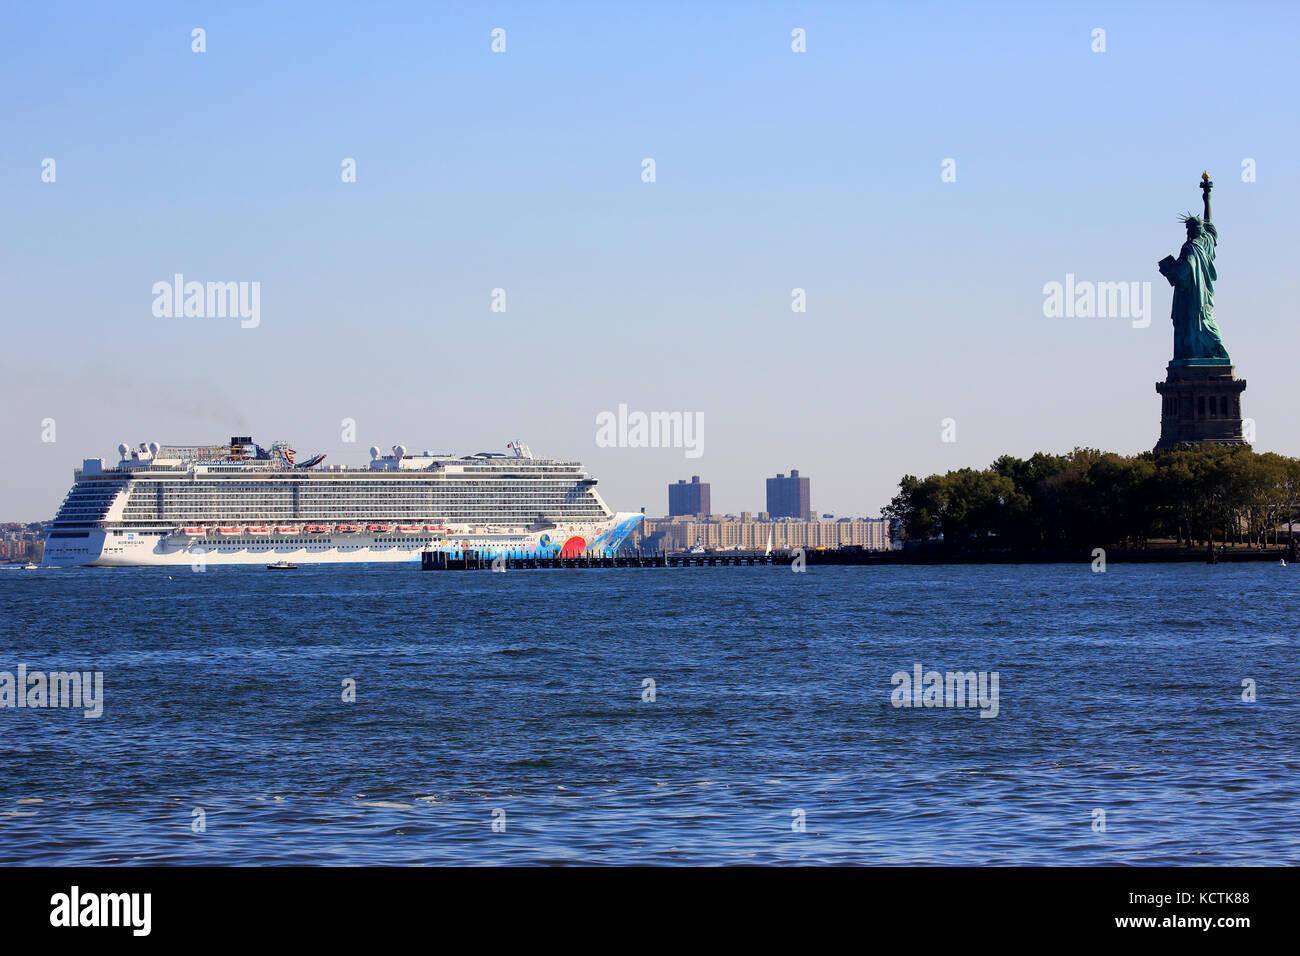 Norwegian breakaway bateau de croisière passant liberty island avec statue de la liberté à côté Photo Stock